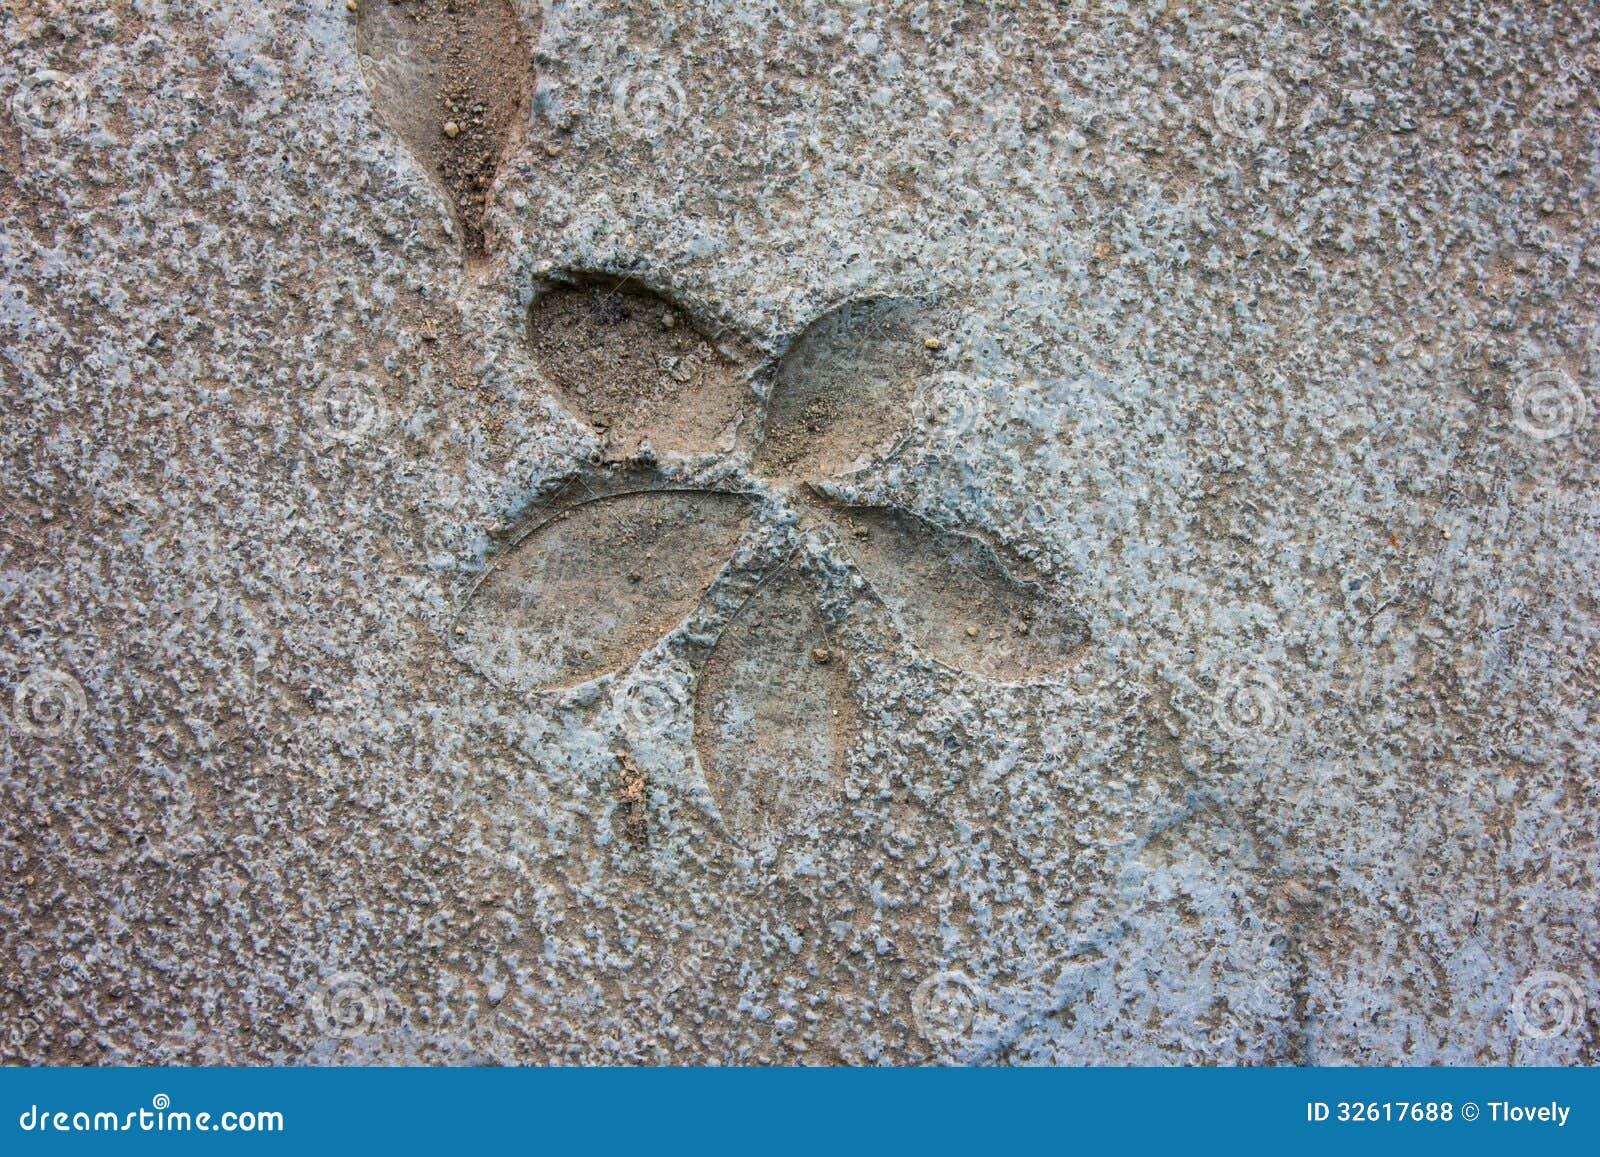 abstrakter hintergrund auf wandputz stockfoto - bild von dekorativ